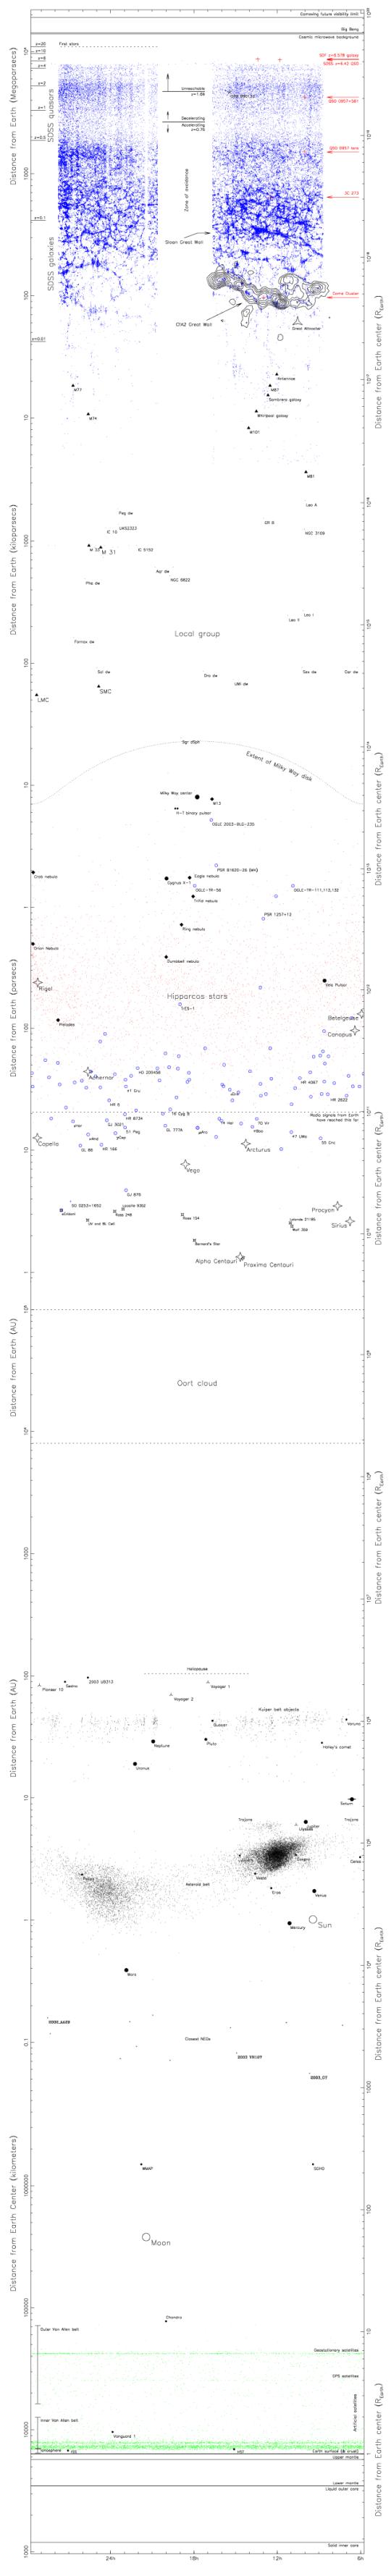 Complete Map of the Universe (Gott et al., 2005, ApJ, 624, 463)